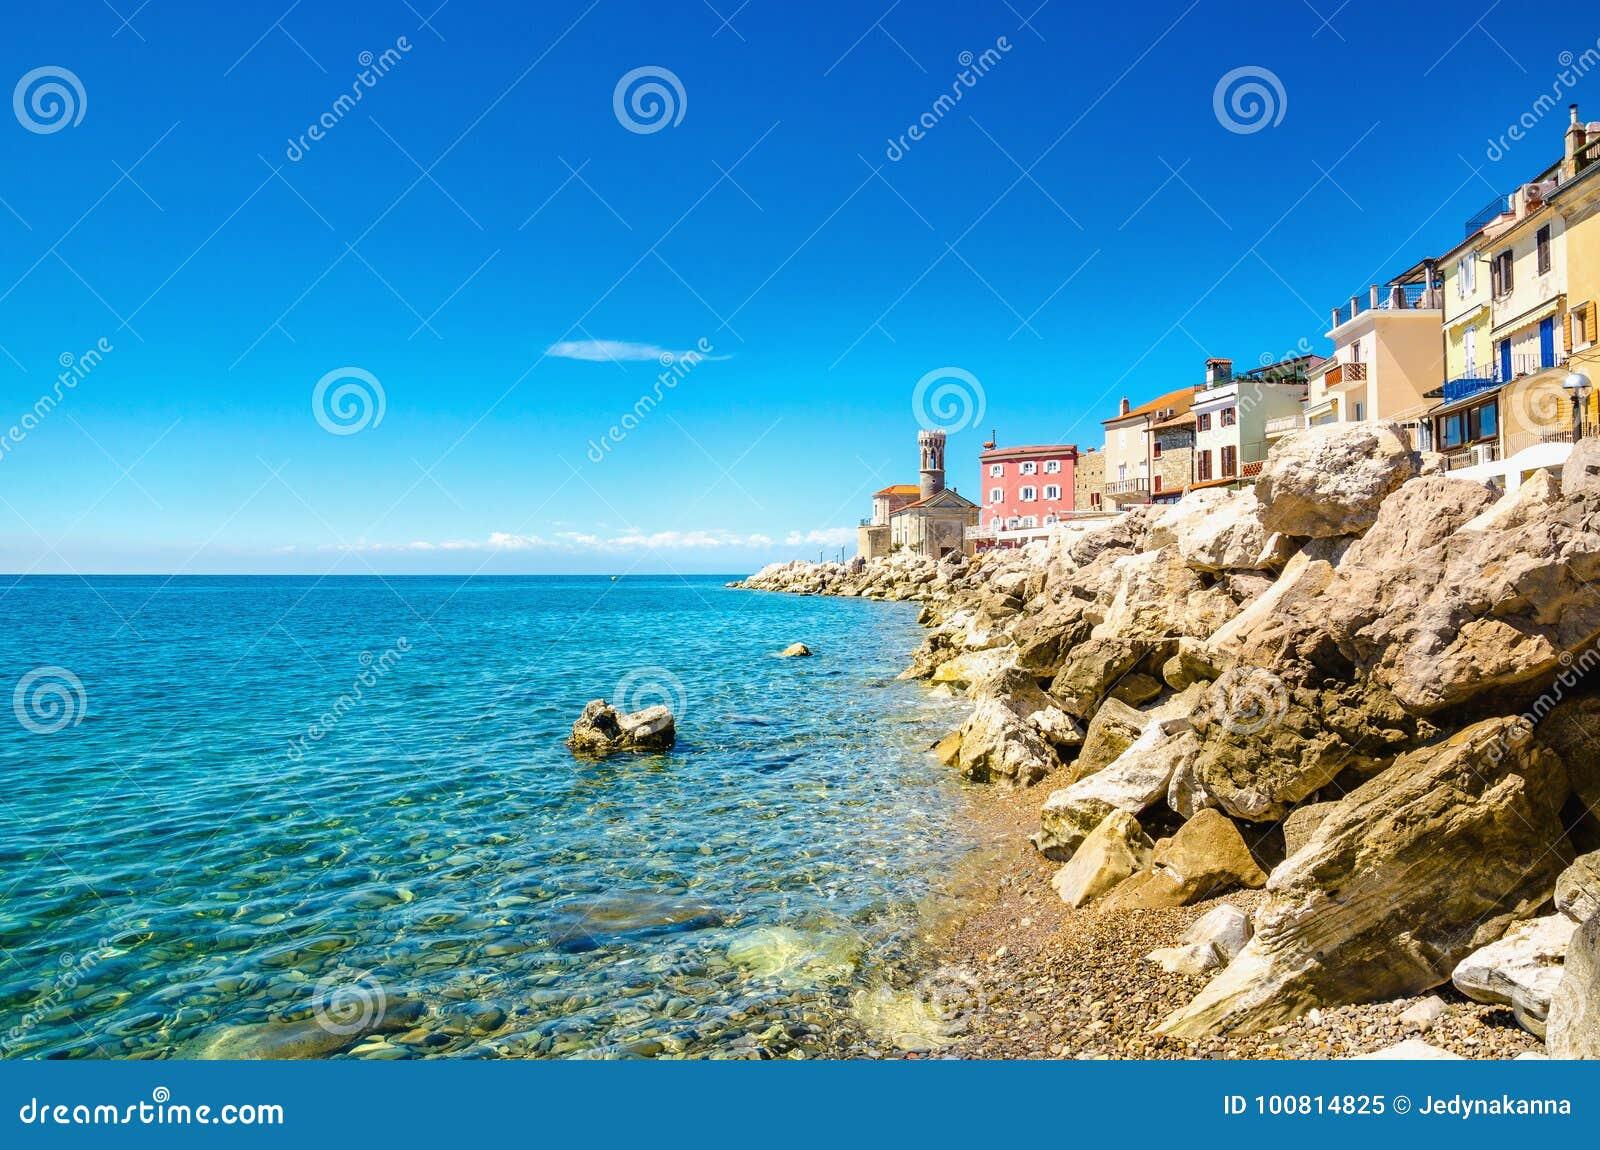 Vue sur la côte de Piran, Golfe de Piran sur la Mer Adriatique, Slovénie